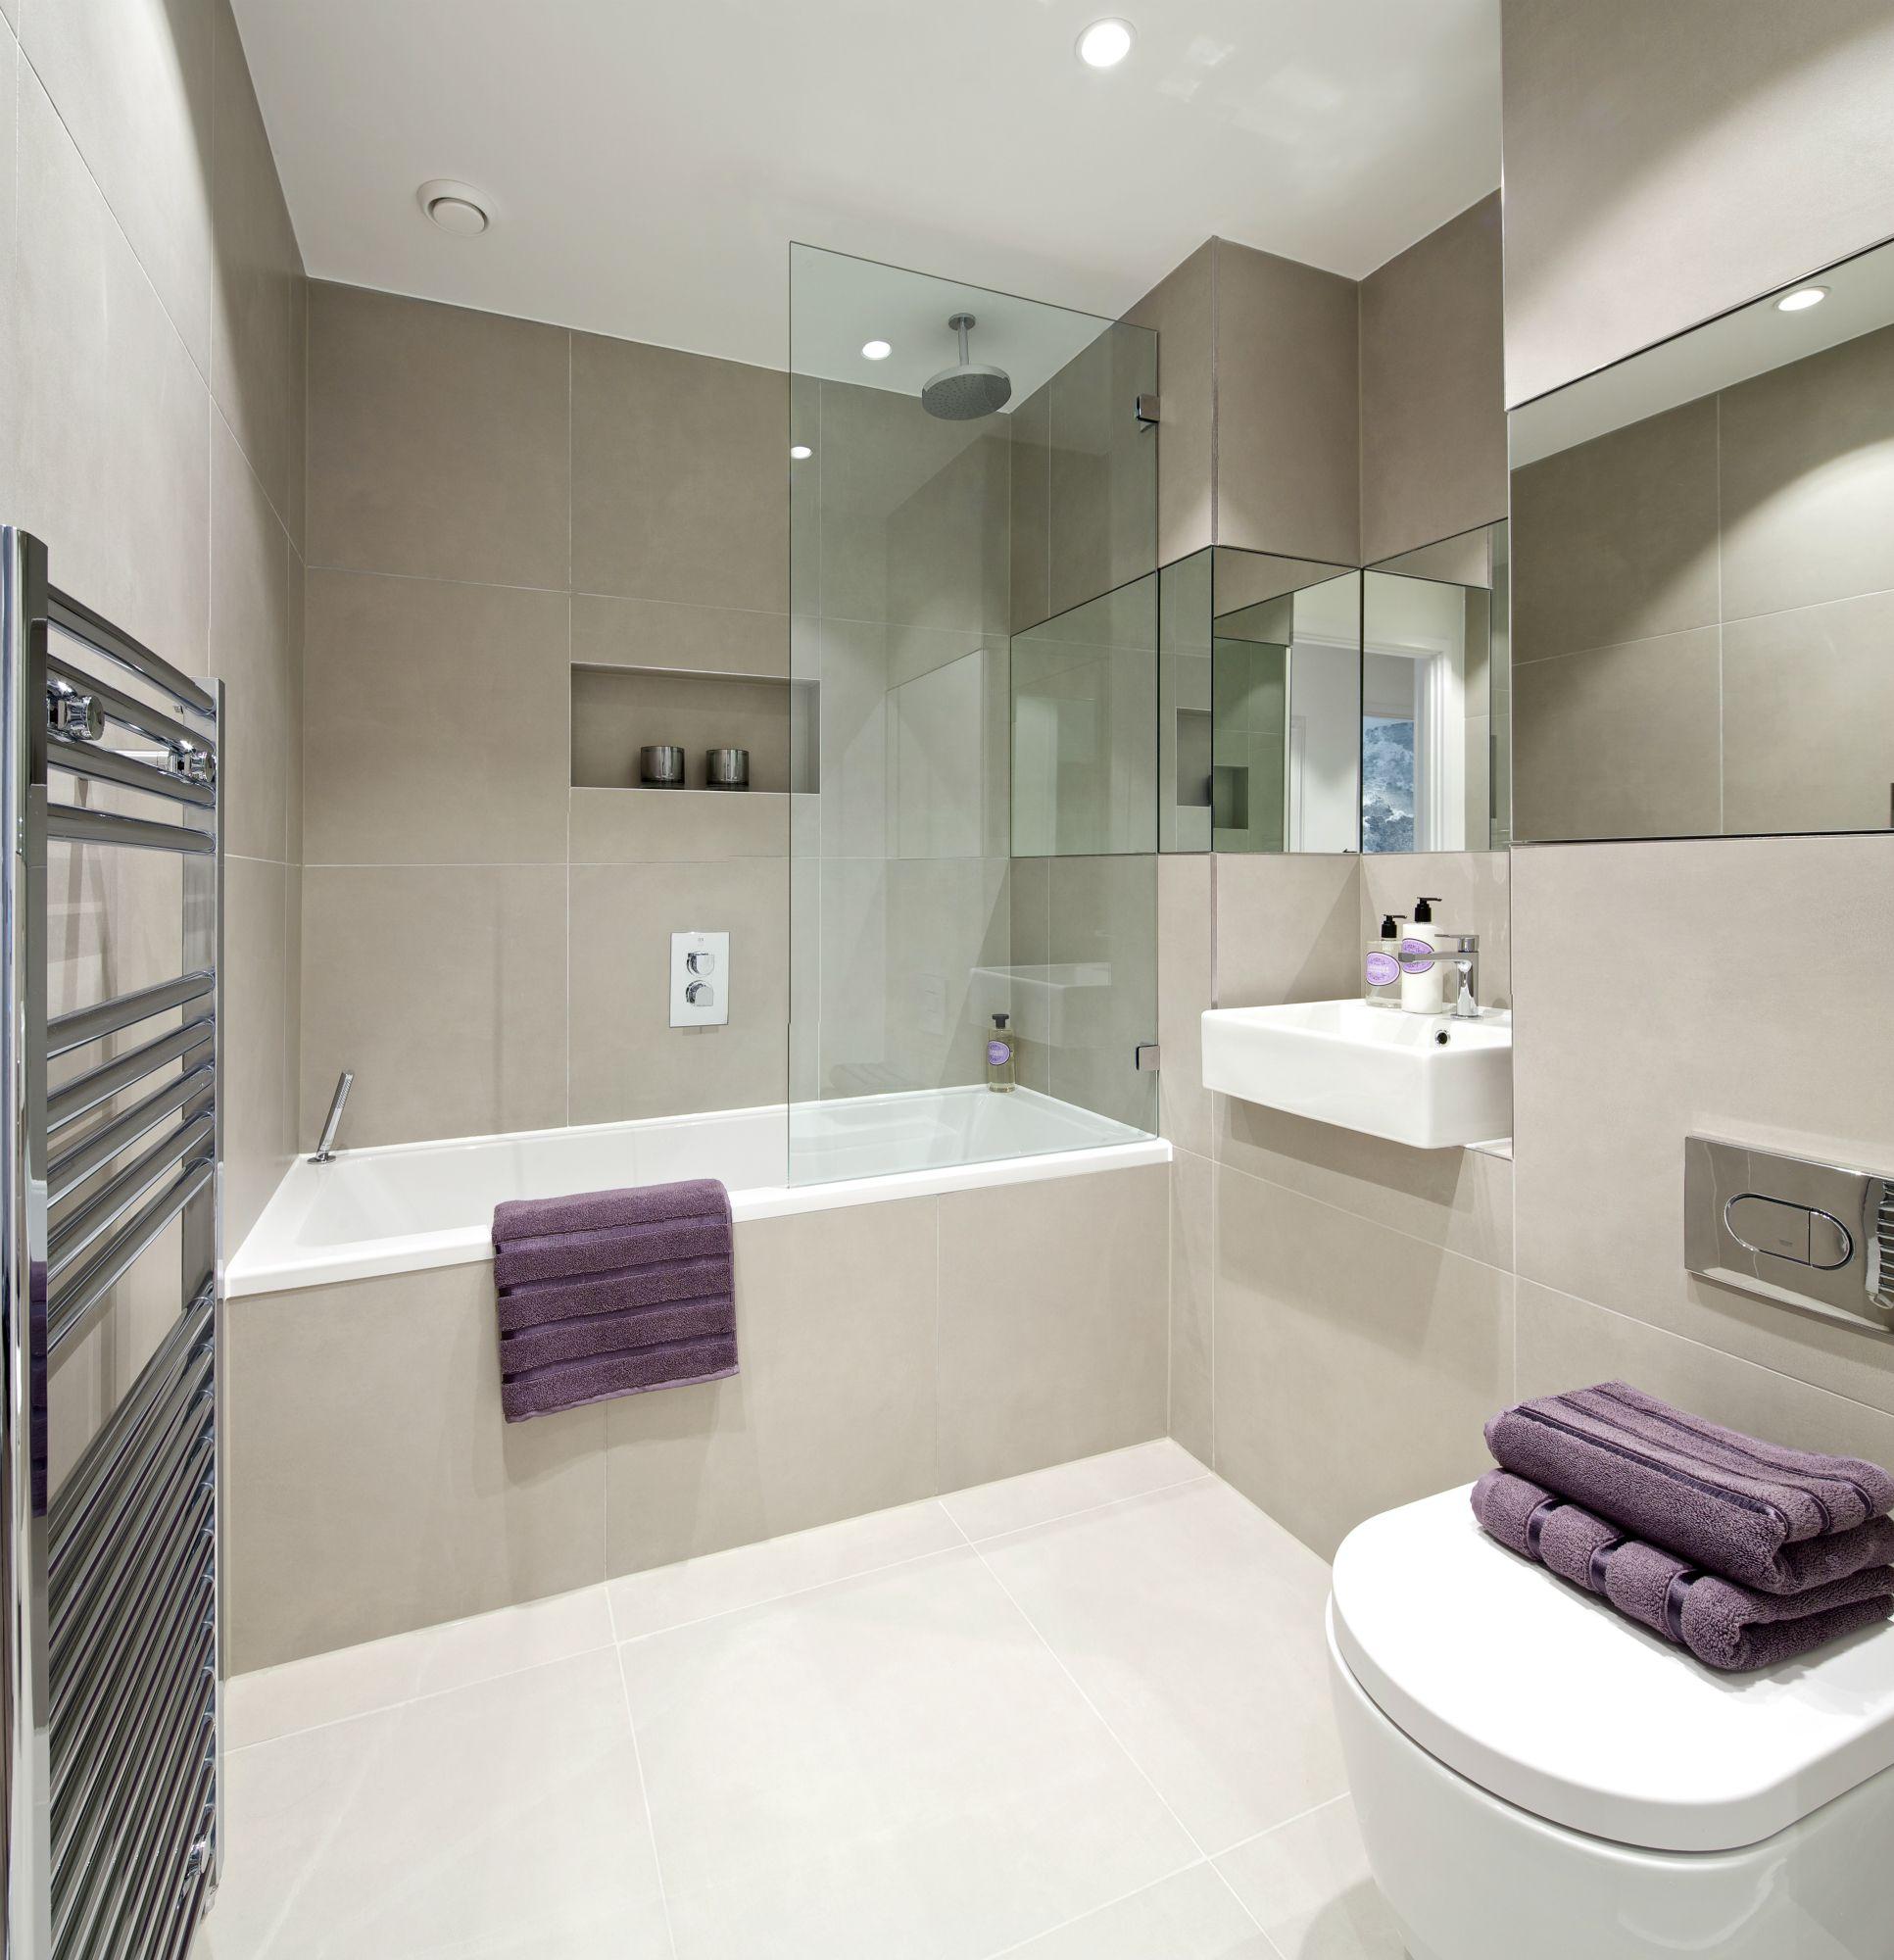 Плитка для туалета: как выбрать и уложить своими руками (62 фото)